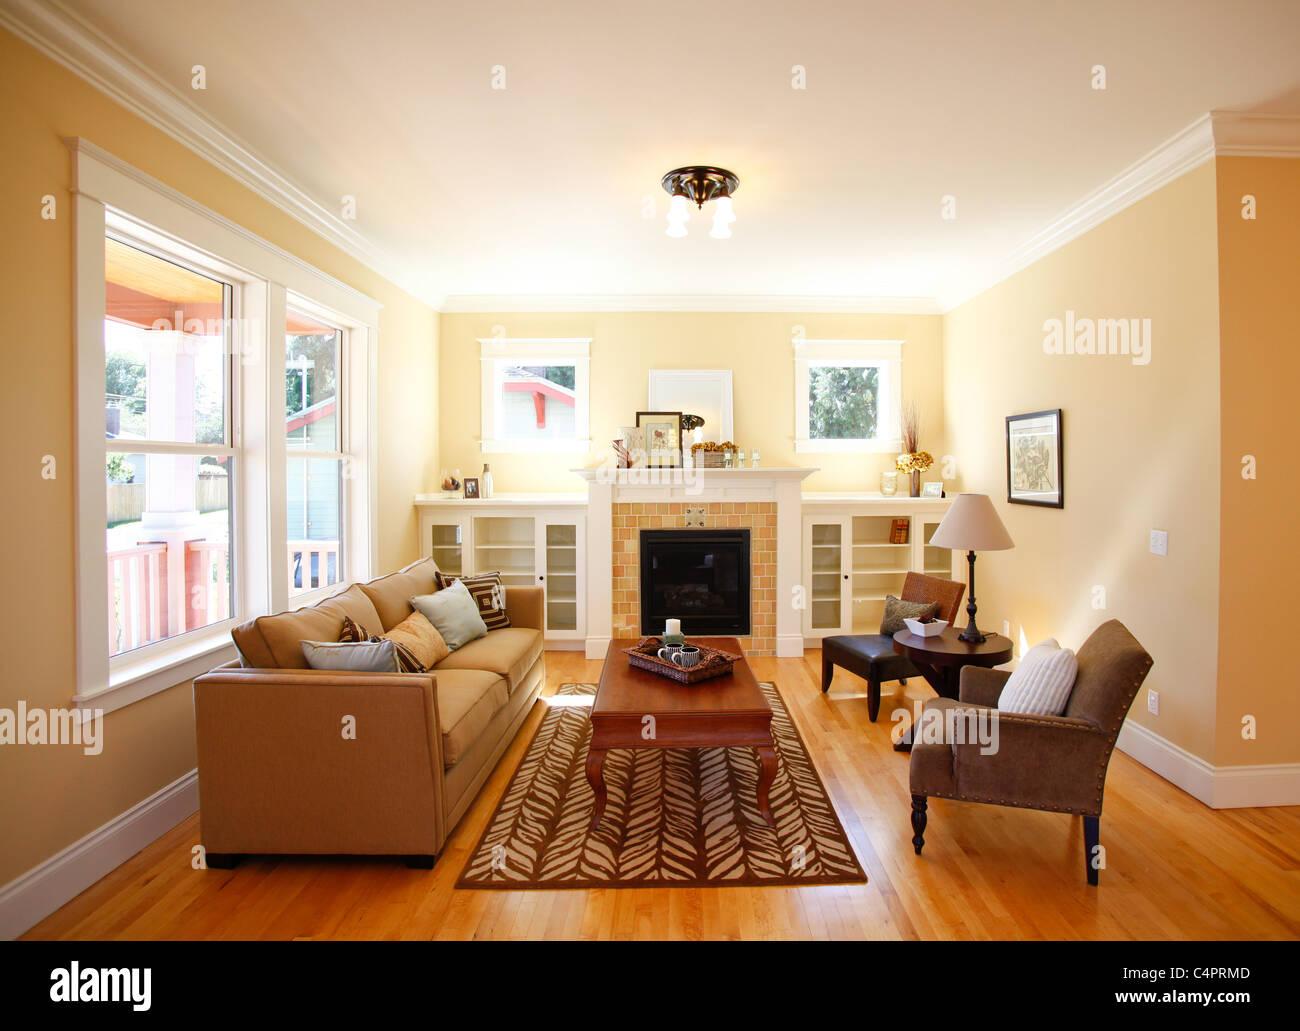 Sala amueblada en una casa de estilo artesano de nueva construcción. Imagen De Stock